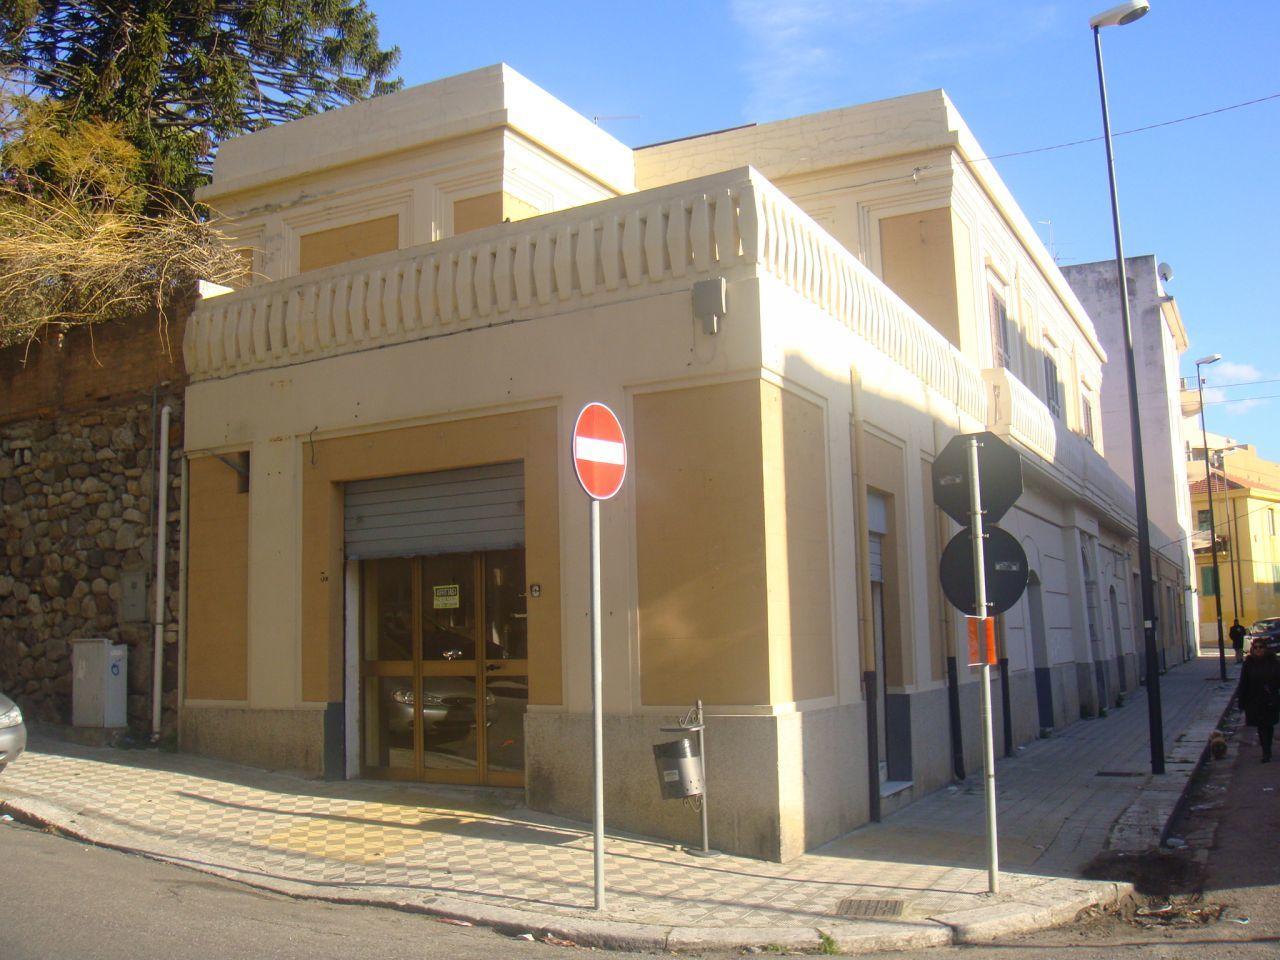 Capannone in affitto a Reggio Calabria, 1 locali, prezzo € 450 | CambioCasa.it